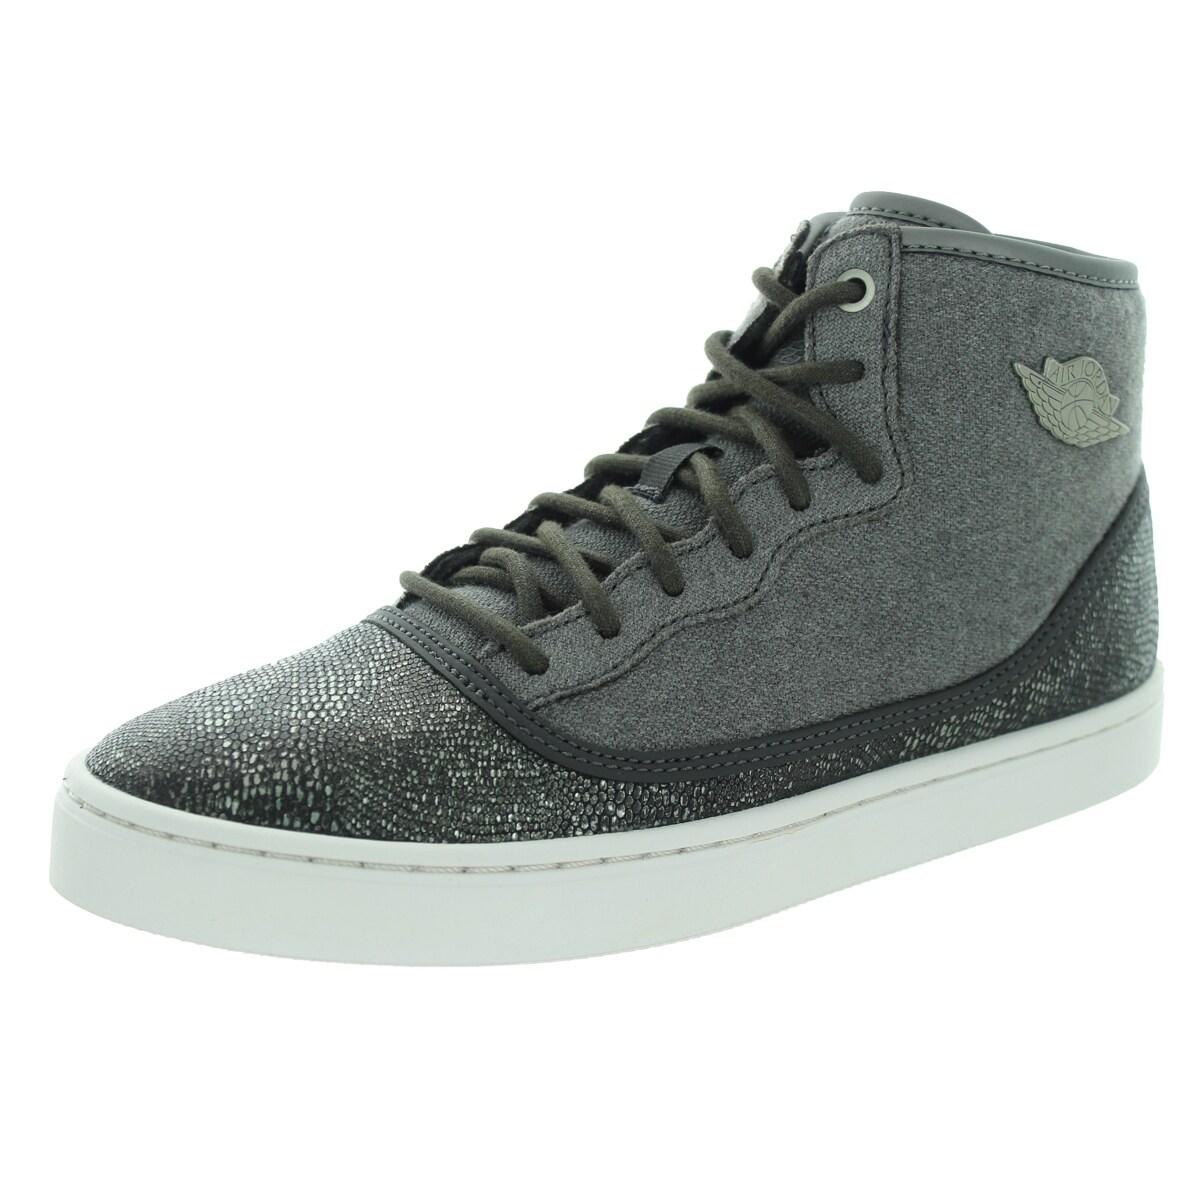 Nike Jordan Kid's Jordan Jasmine Prem Gg Drk Strm/Metalli...